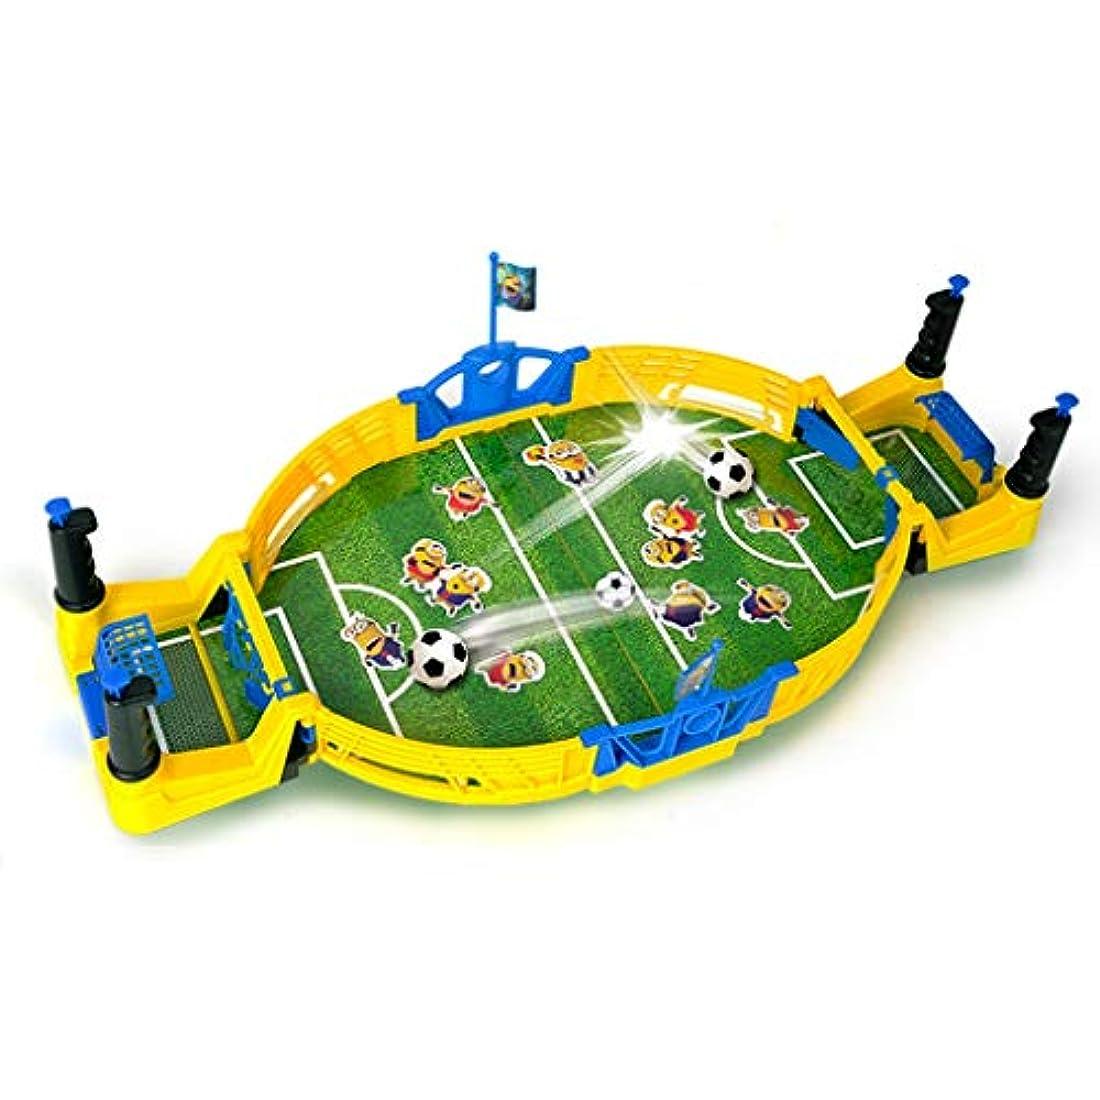 不一致膨張する一時停止テーブルサッカー機子供のダブルゲームコンソール親子インタラクティブボードゲームリトルイエローマンテーブルサッカー機ワールドカップ少年のおもちゃギフト (Color : YELLOW, Size : 56.5*27.5*11.5CM)